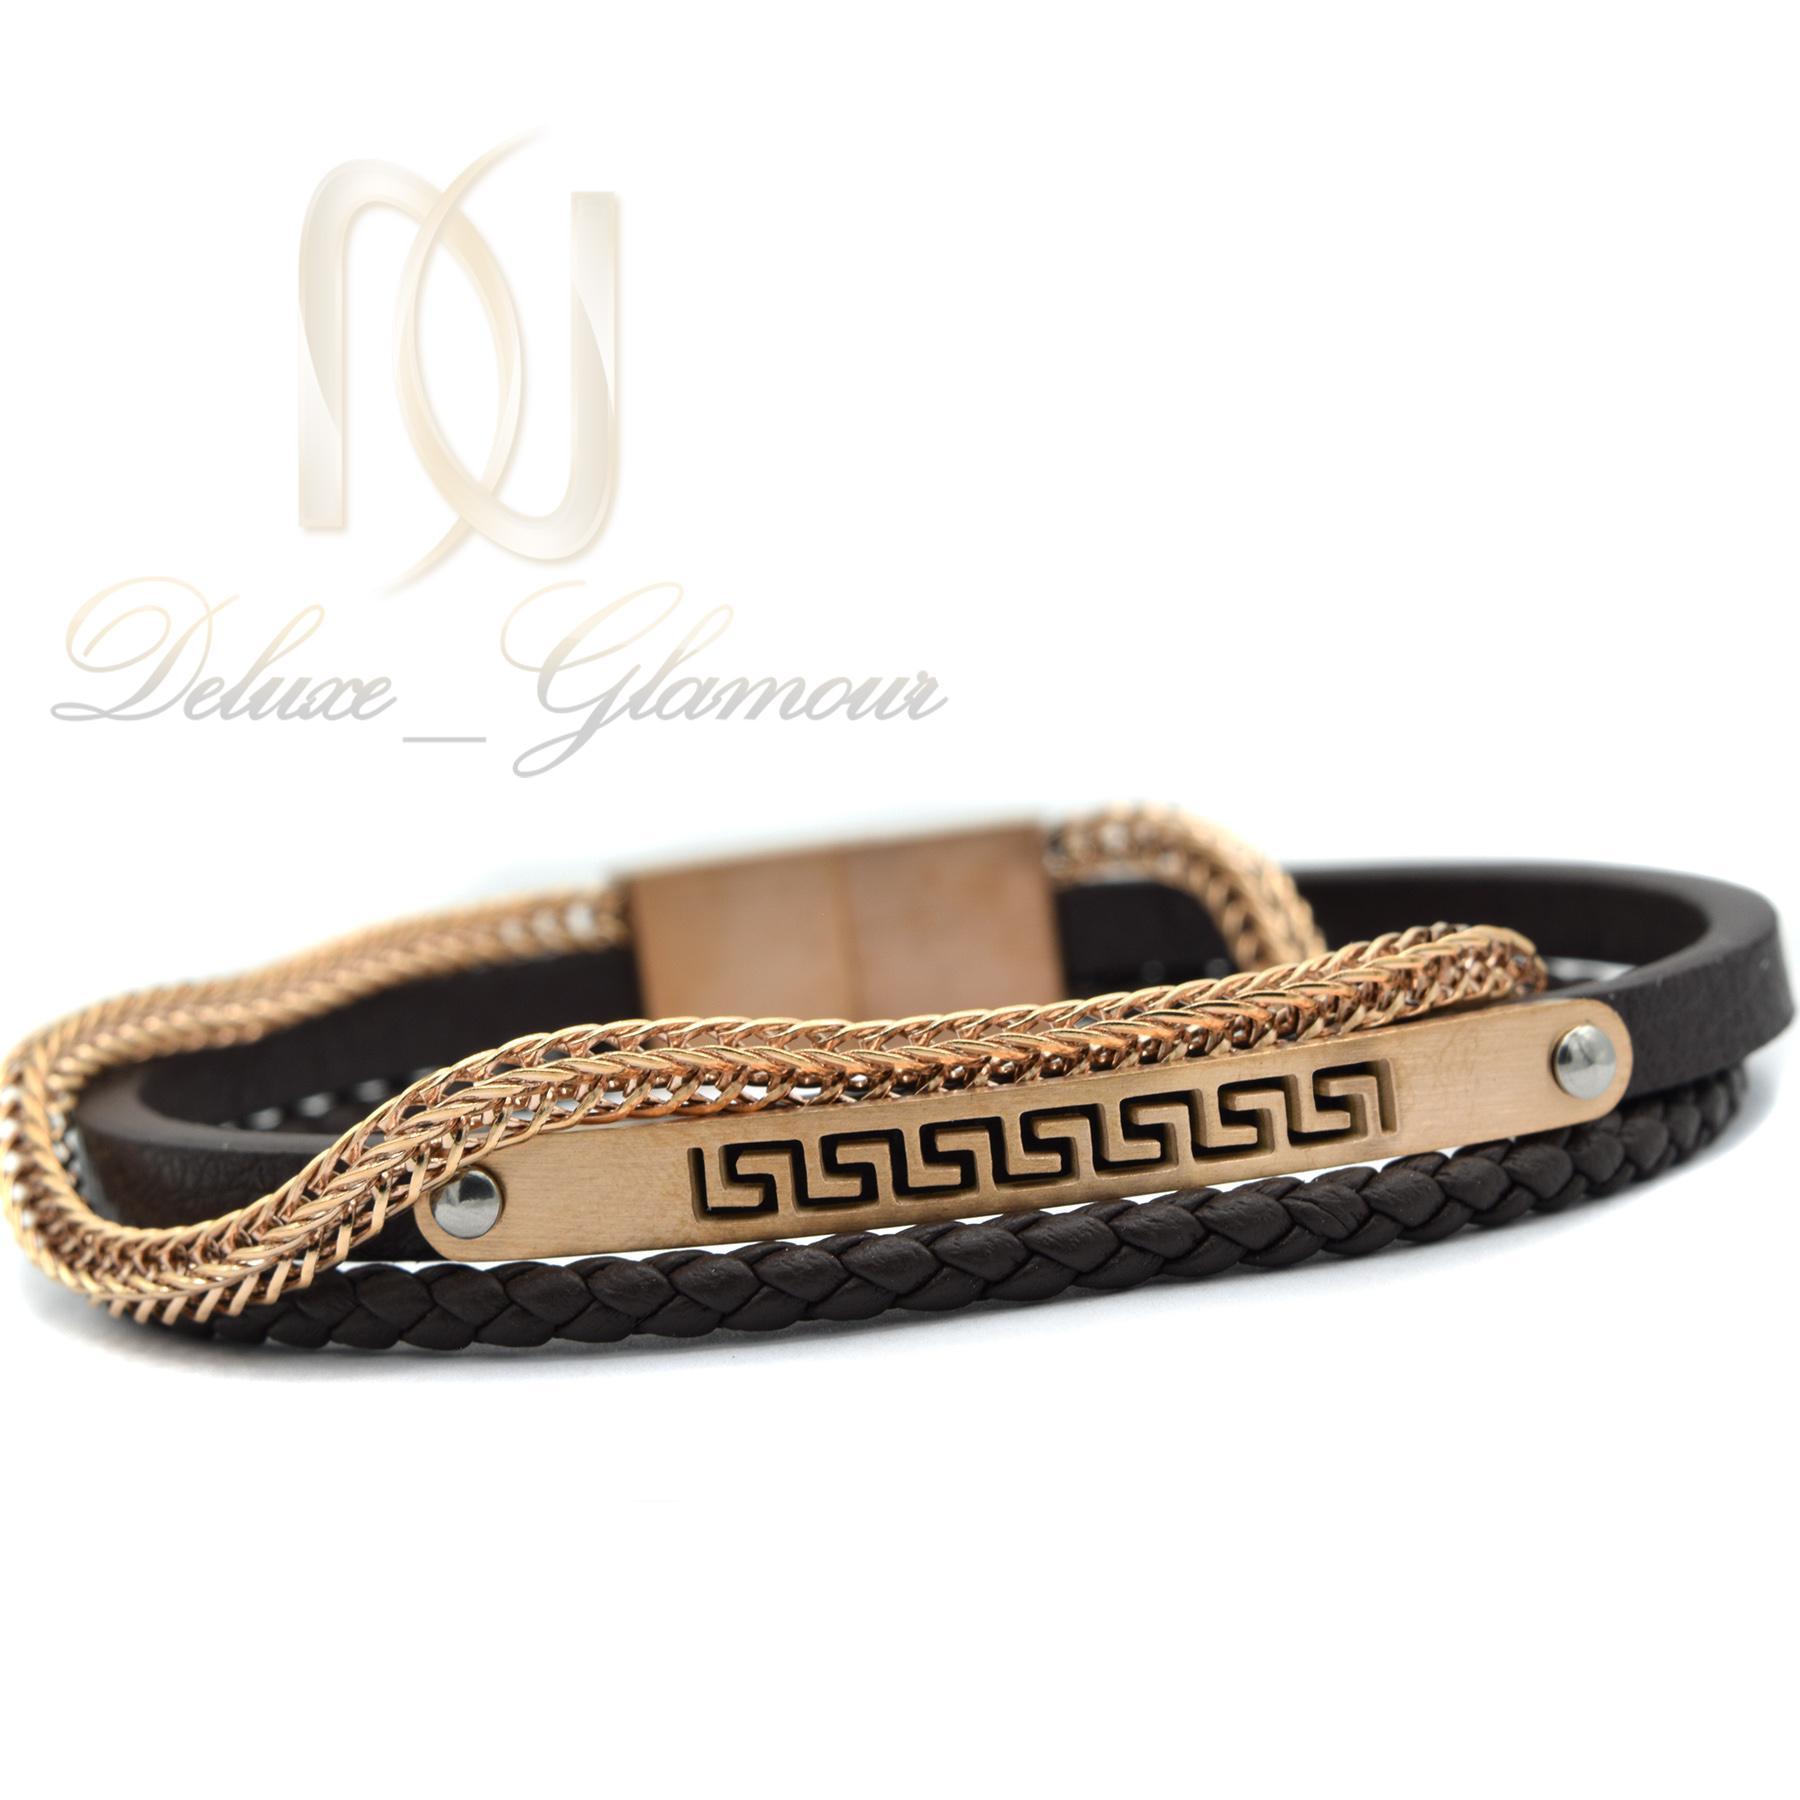 دستبند مردانه چرم سه لاینه زنجیری با رویه استیل رنگ رزگلد ds-n189 از روبرو